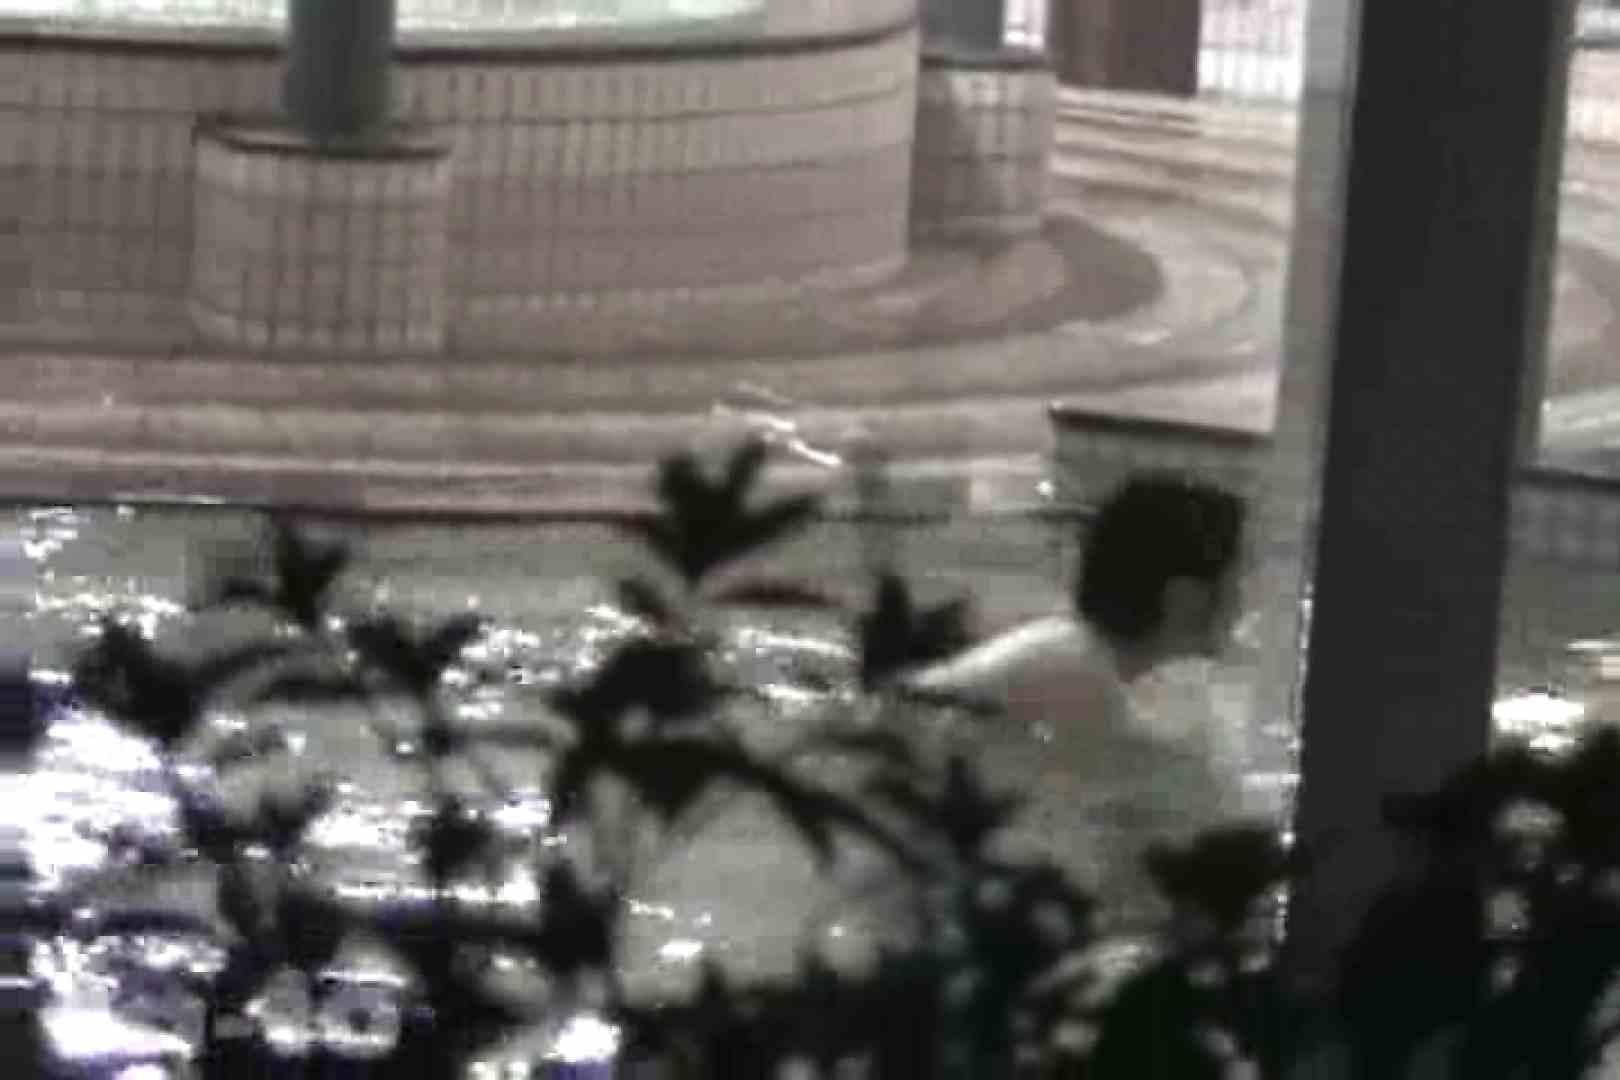 合宿ホテル女風呂盗撮高画質版 Vol.10 盗撮で悶絶 おまんこ動画流出 58画像 48